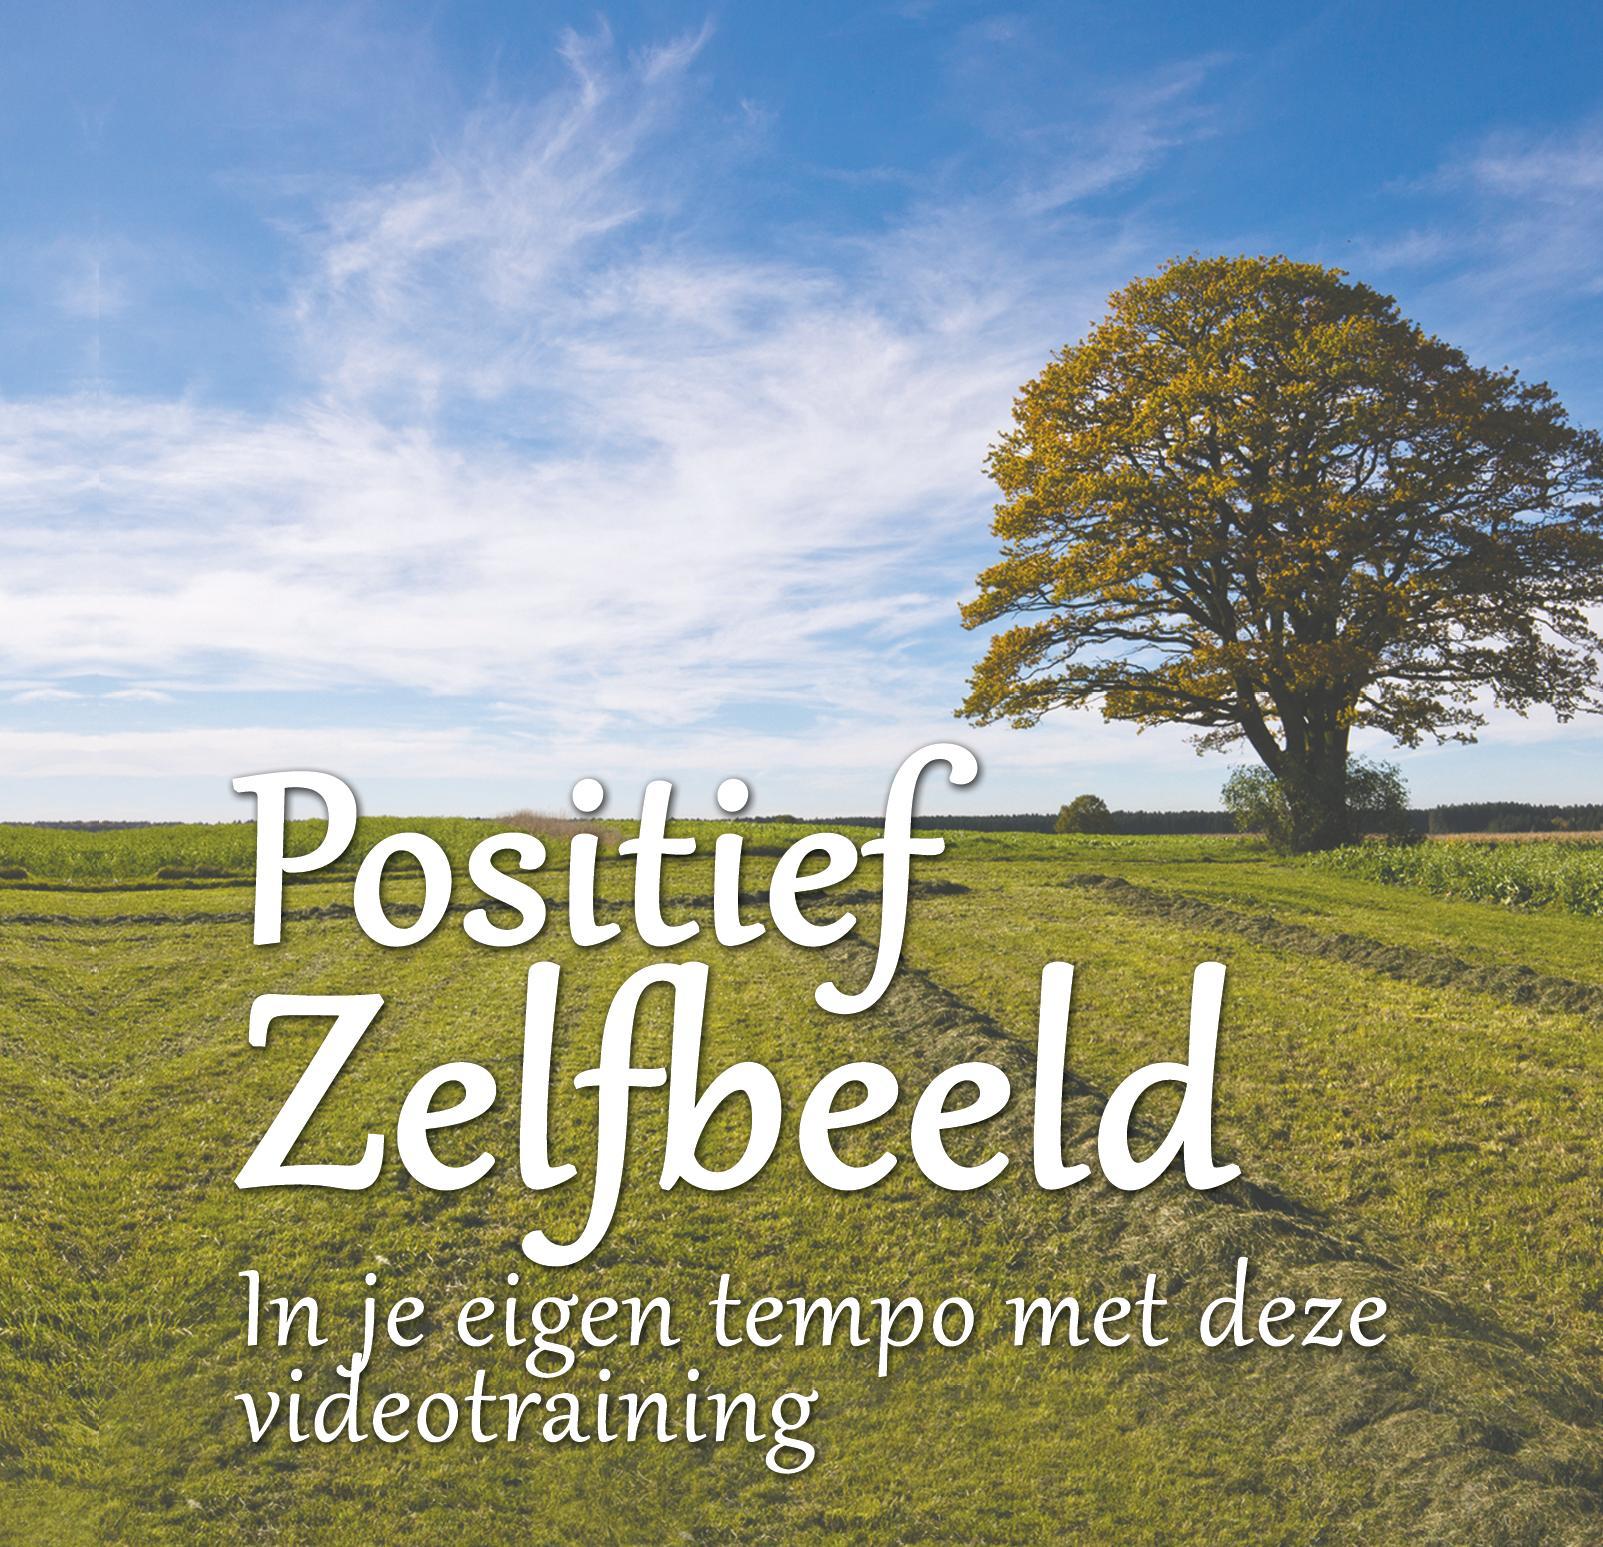 DVD Positief Zelfbeeld voor Power cd's en mp3's voor tevredenheid positiviteit en energie